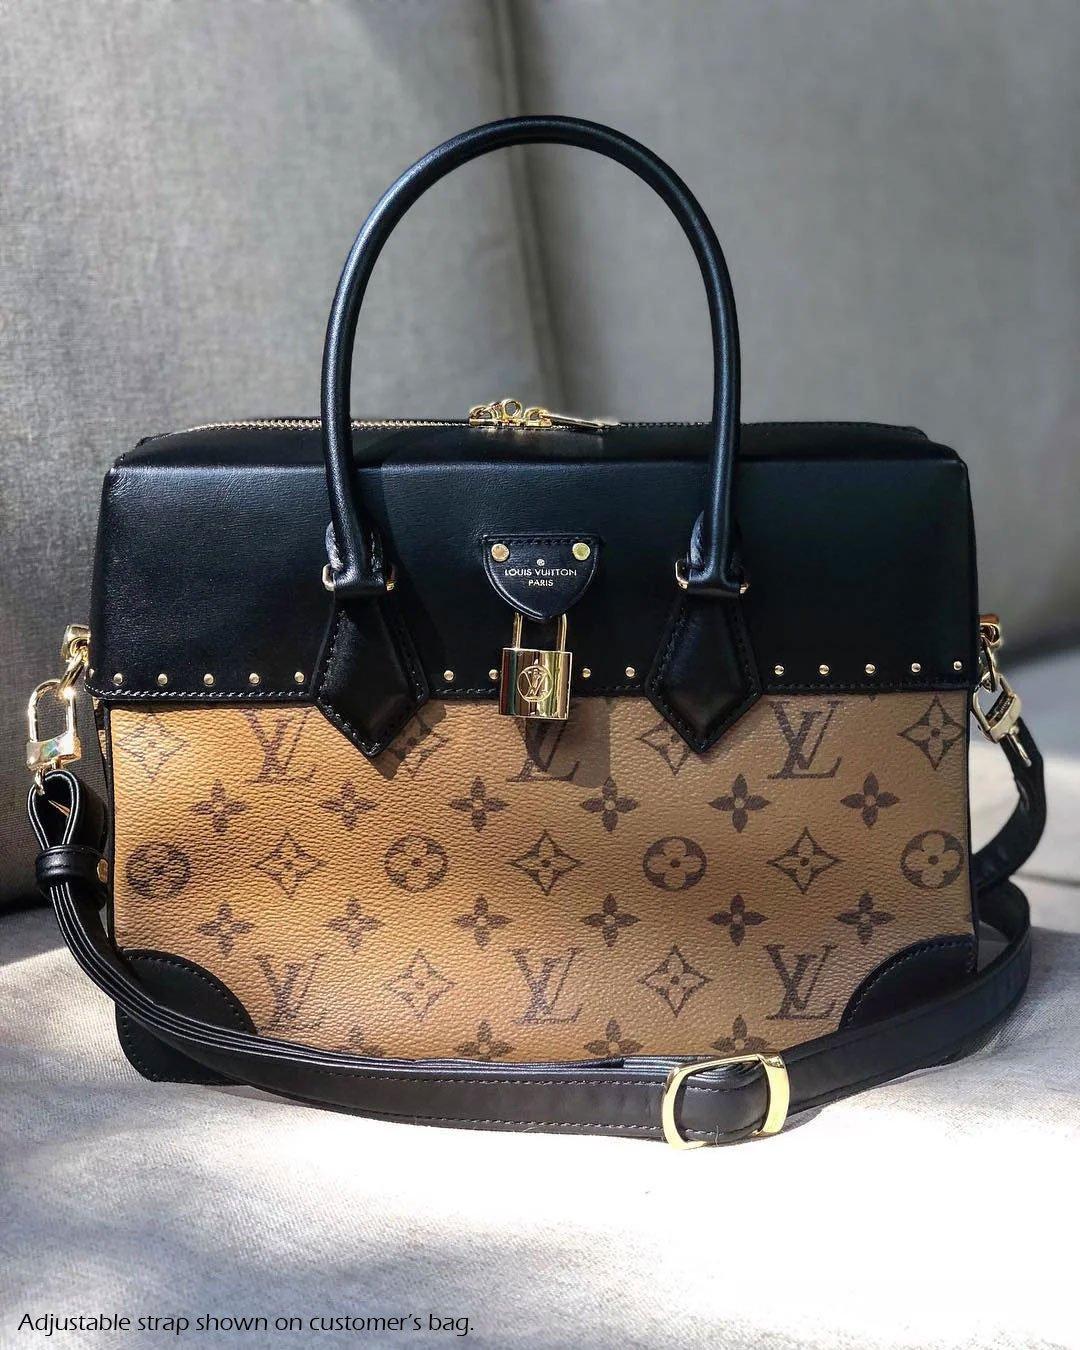 c35a5602319b4f Black Leather Strap for Louis Vuitton (LV), Coach, etc - 3/4